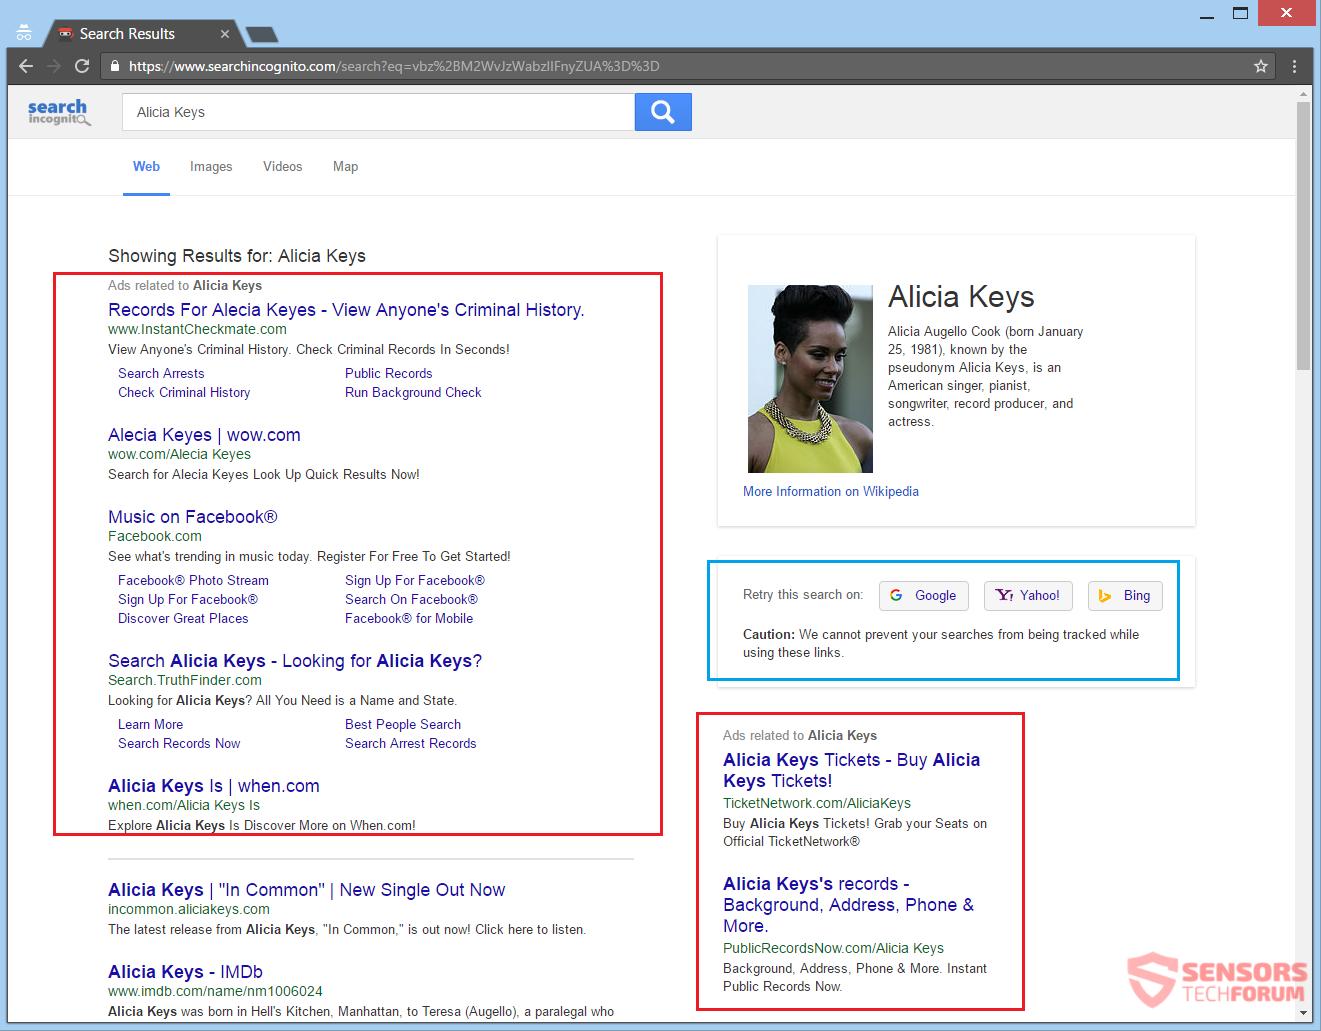 stf-searchincognito-com-search-incognito-browser-hijacker-redirect-alicia-keys-search-results